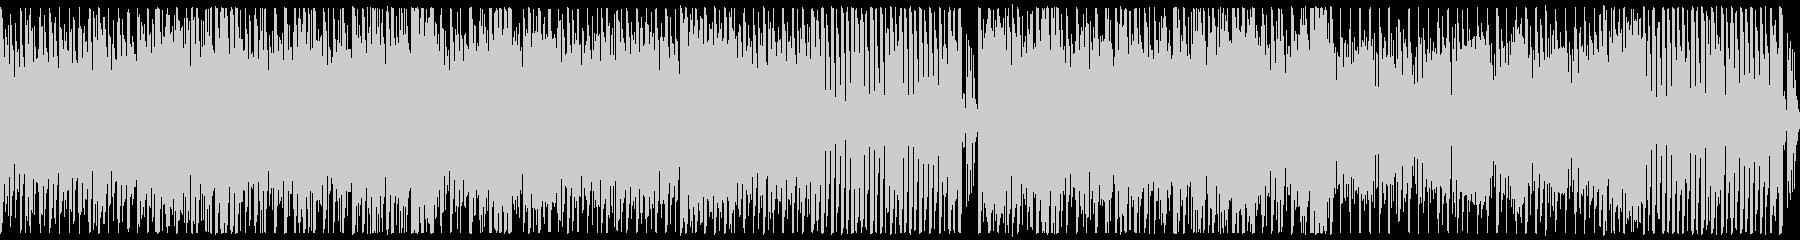 明るくリズミカルで少しコミカルな曲の未再生の波形